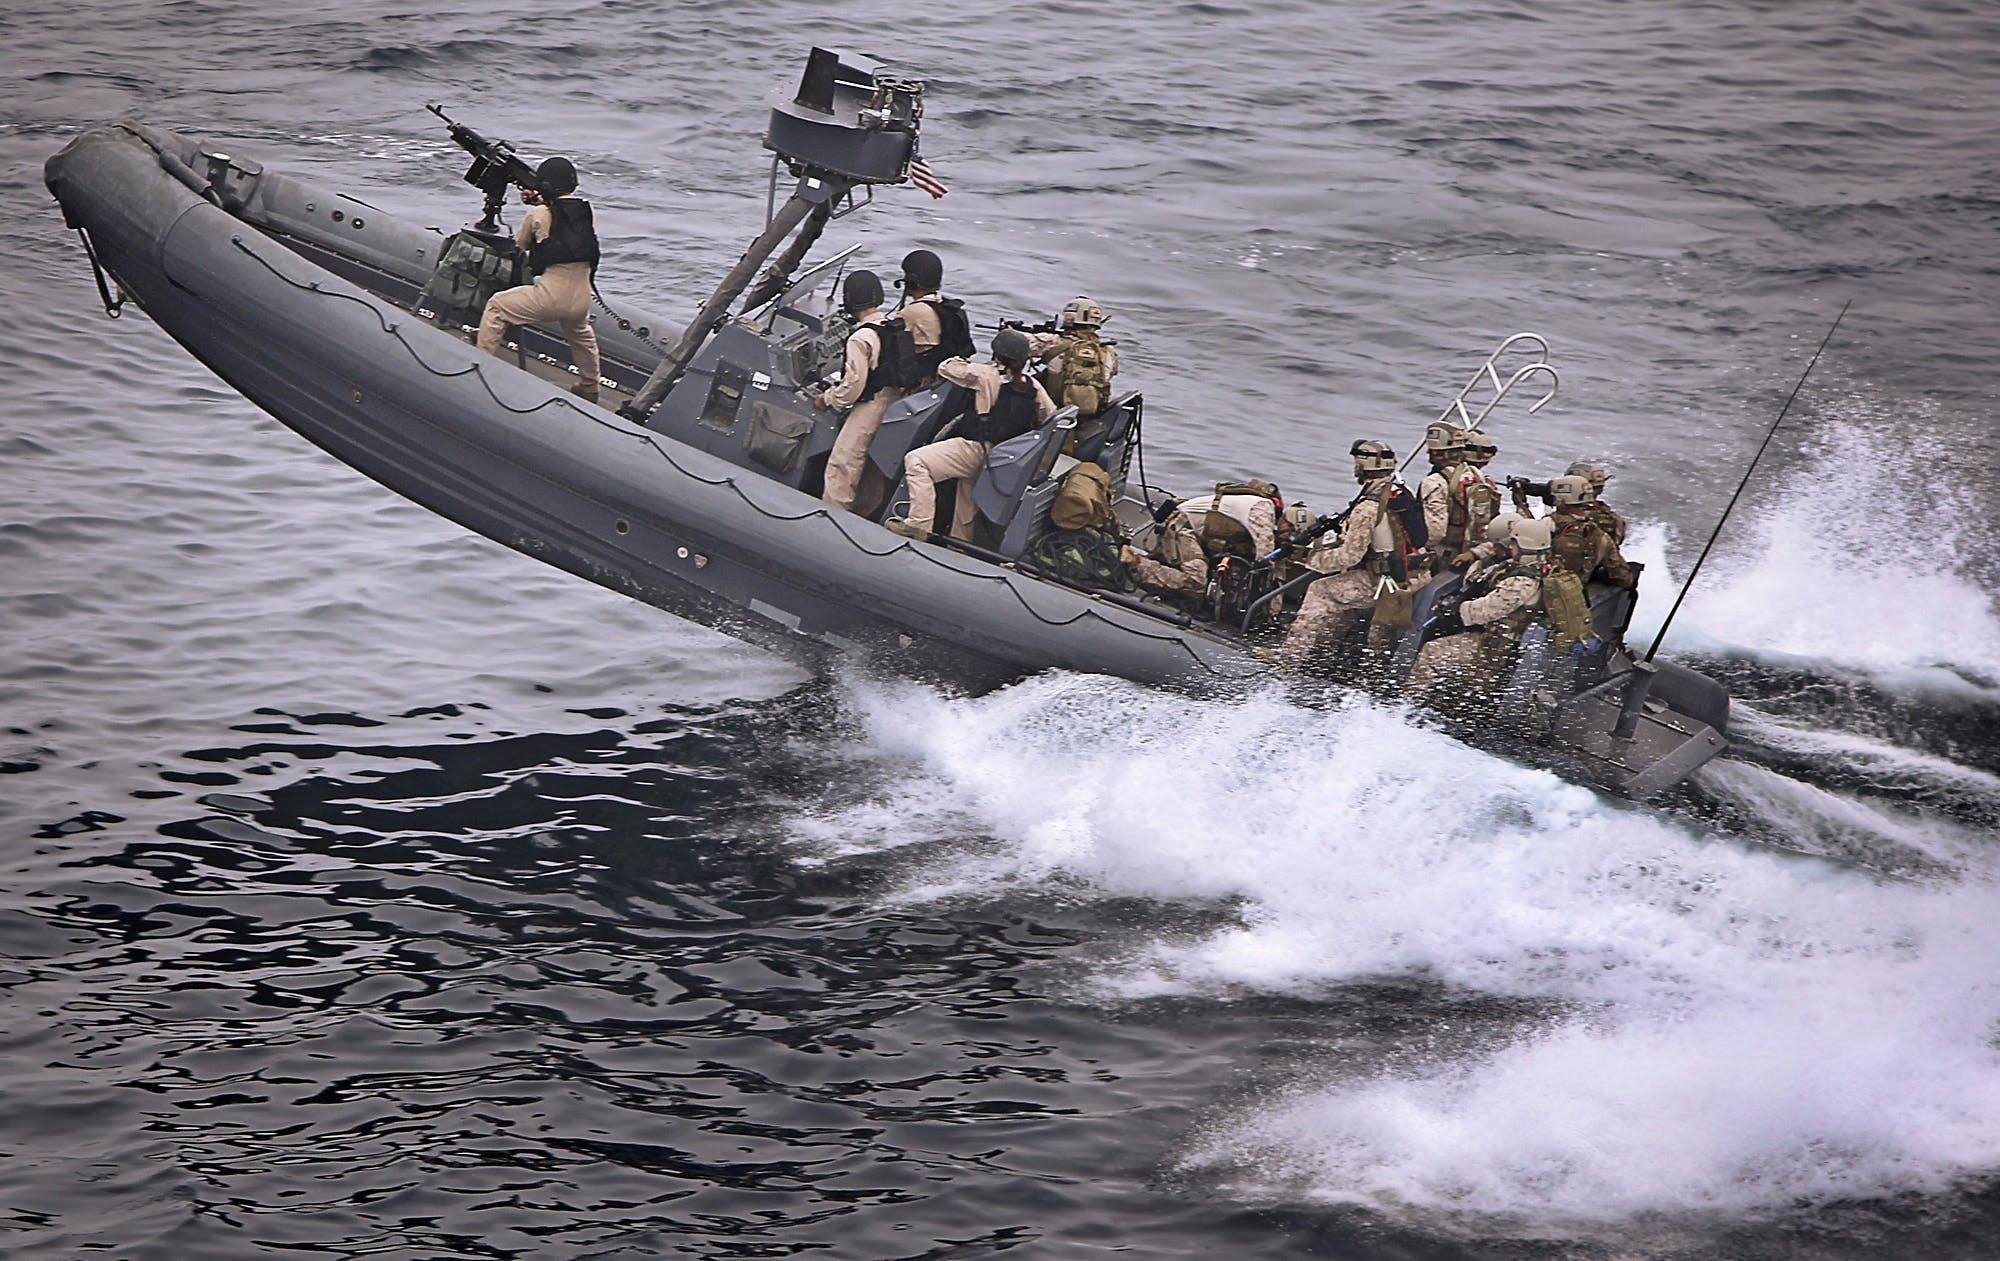 人, 充气船, 士兵, 快艇 的 免费素材照片